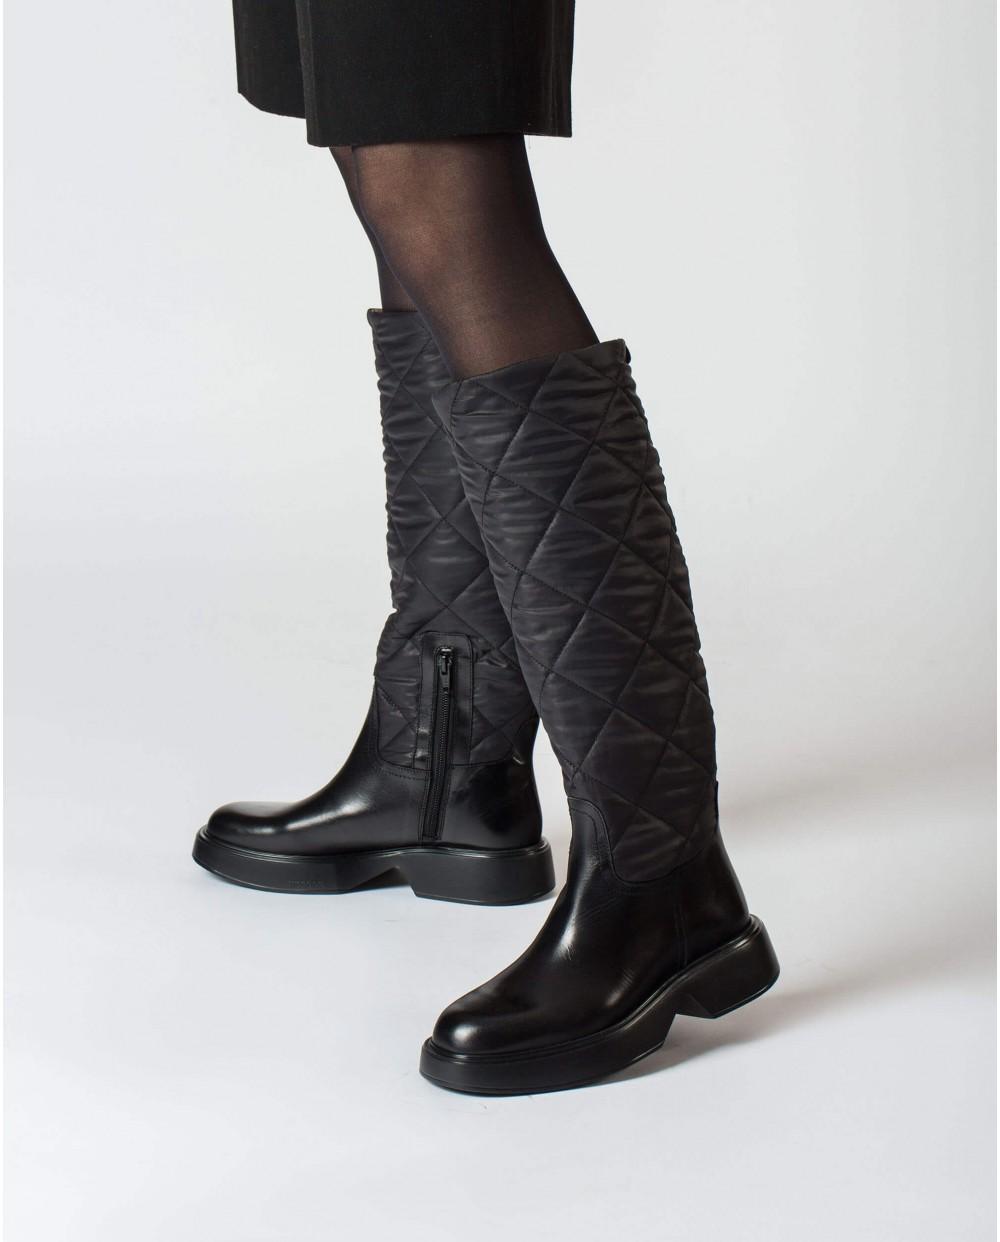 Wonders-Boots-Velar Black Padded boot